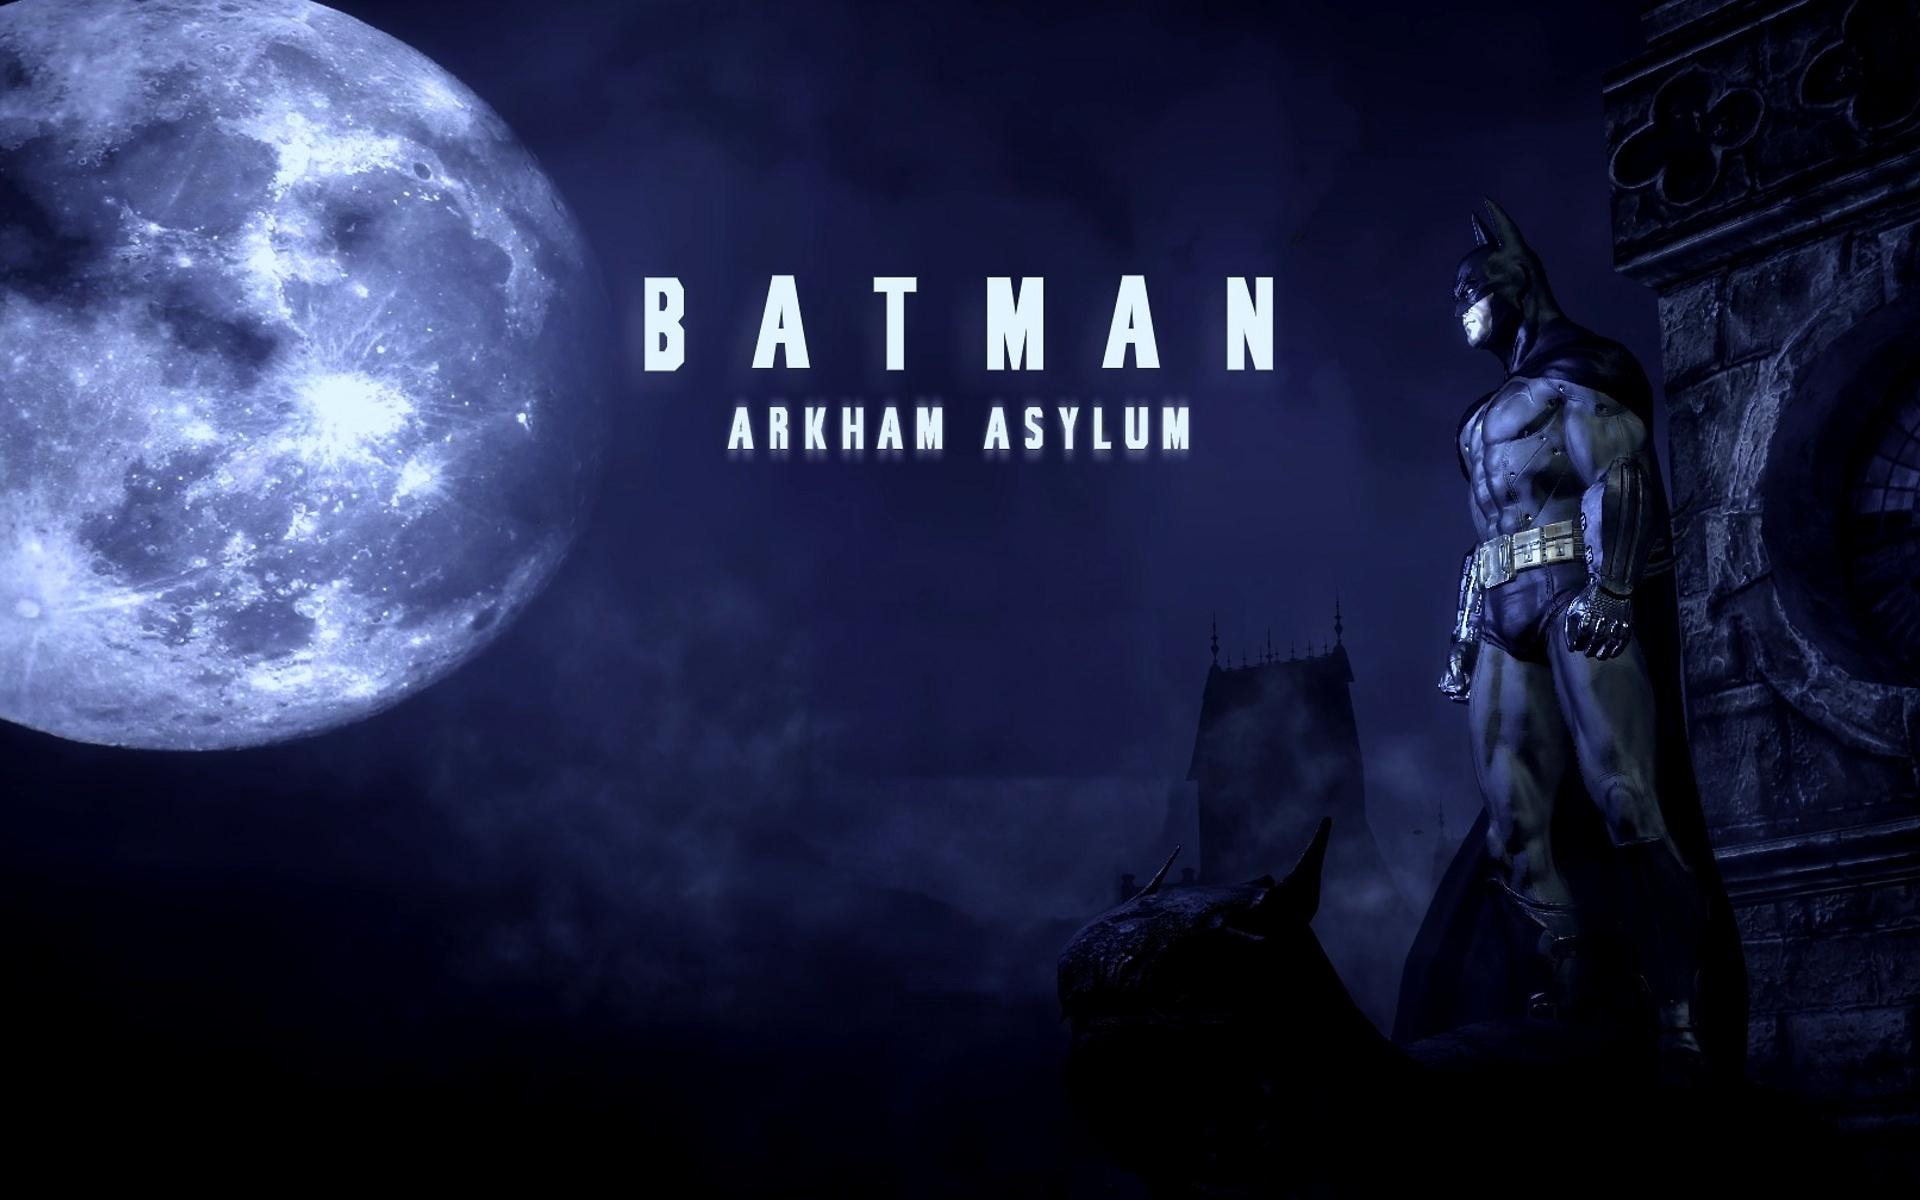 Batman Arkham Asylum Wallpaper 1920x1200